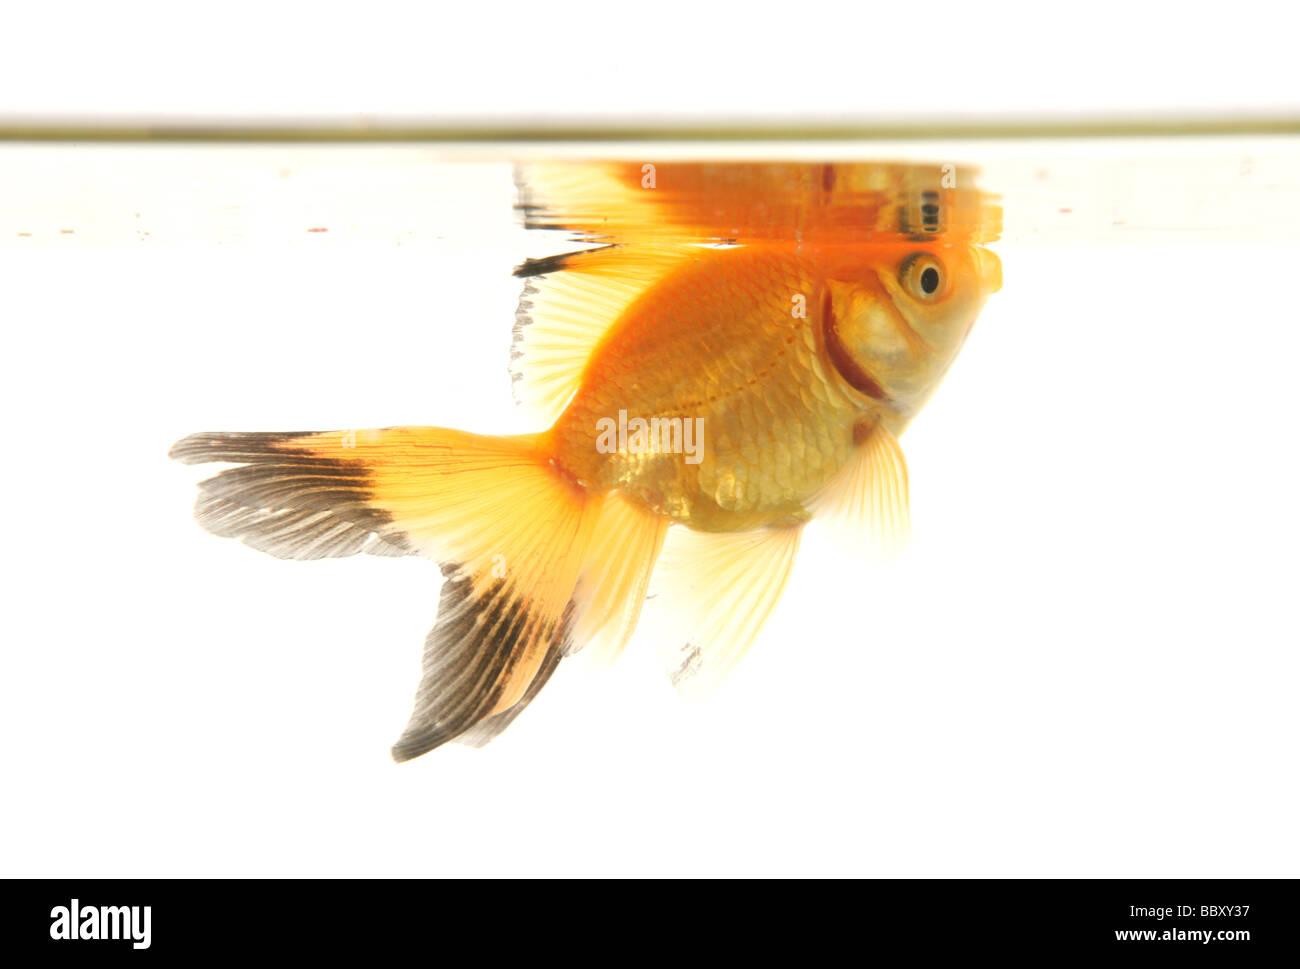 Pfauentaube Goldfisch-Ausschnitt-Portrait-studio Stockbild